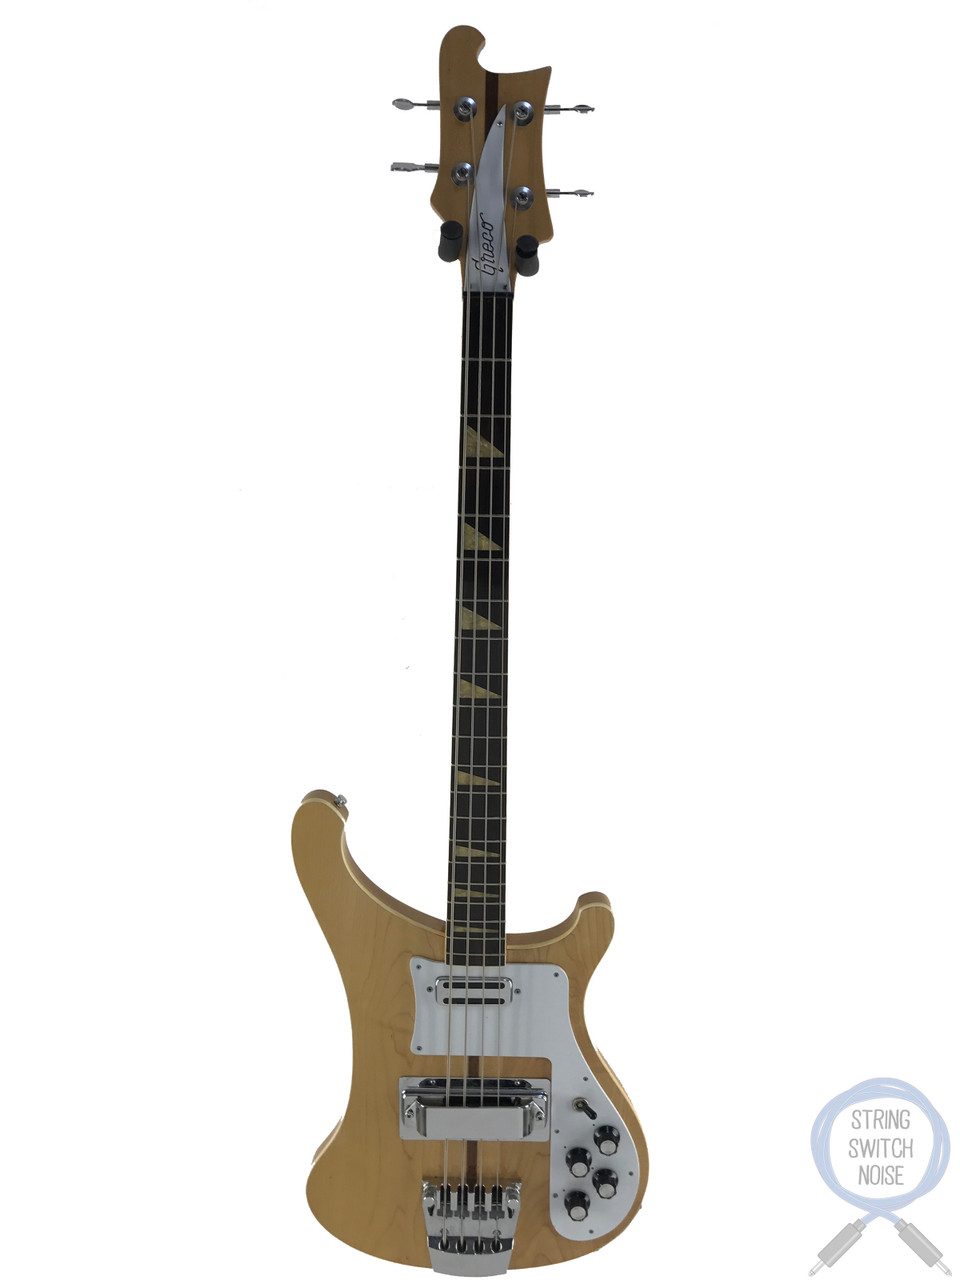 Greco (RB800) 4001 Bass, Natural, 1973 Vintage, Hard Case